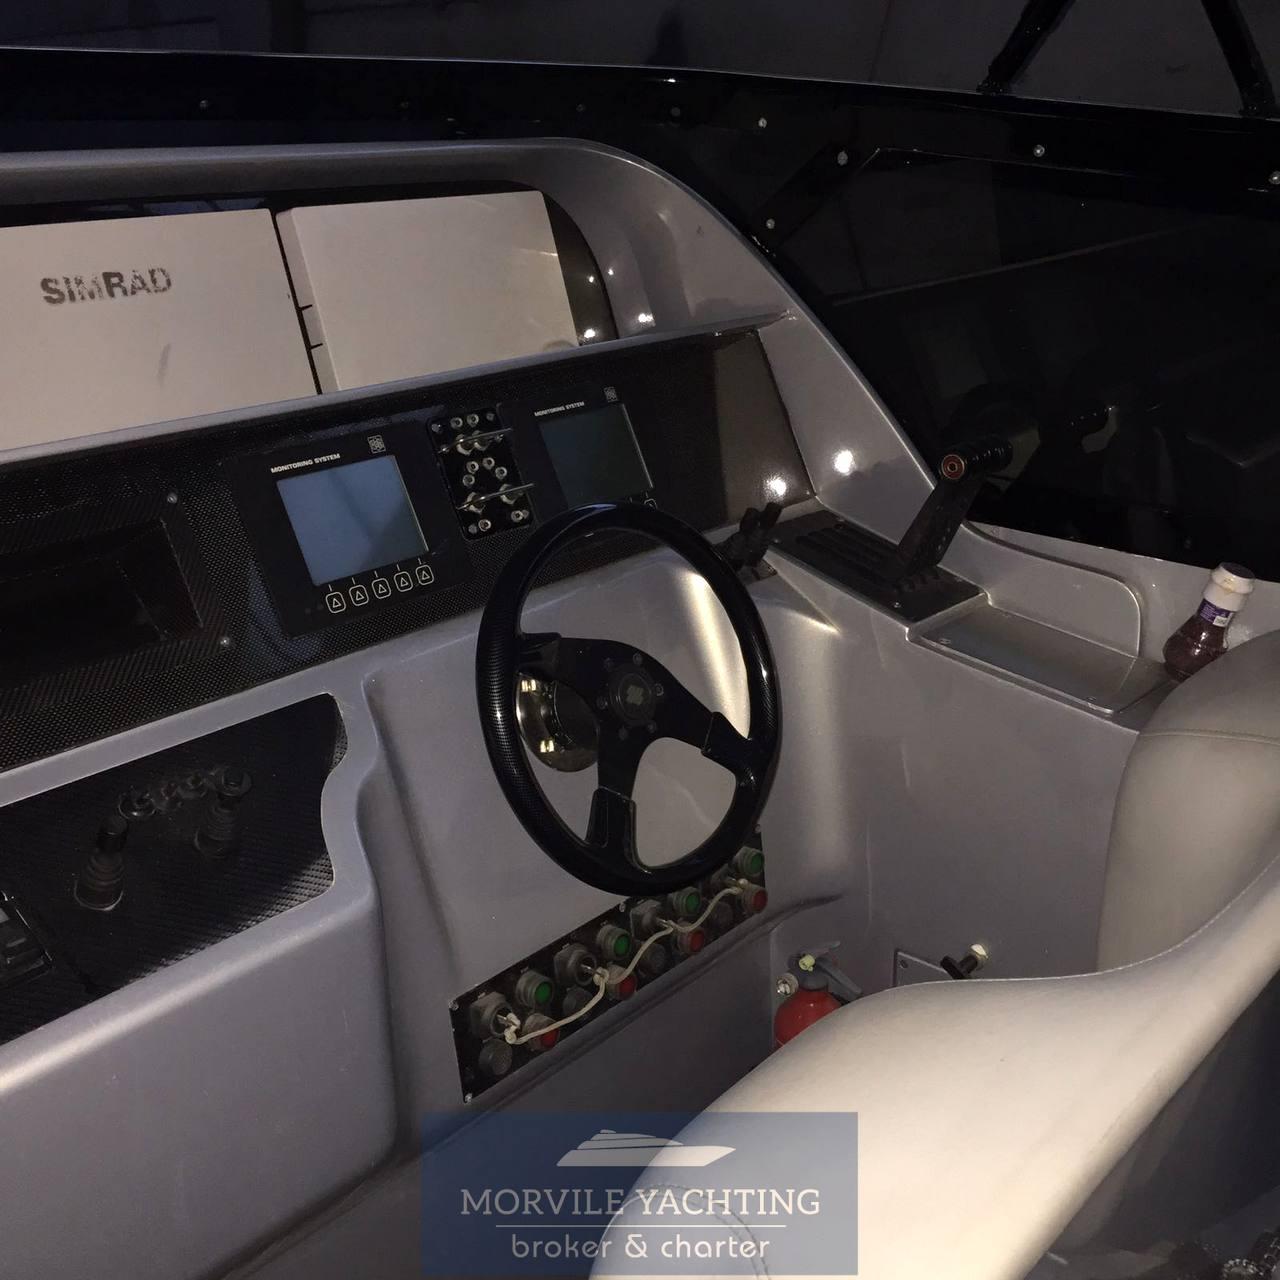 Novamarine Tecno 55 Gommone bateaux d'occasion à vendre